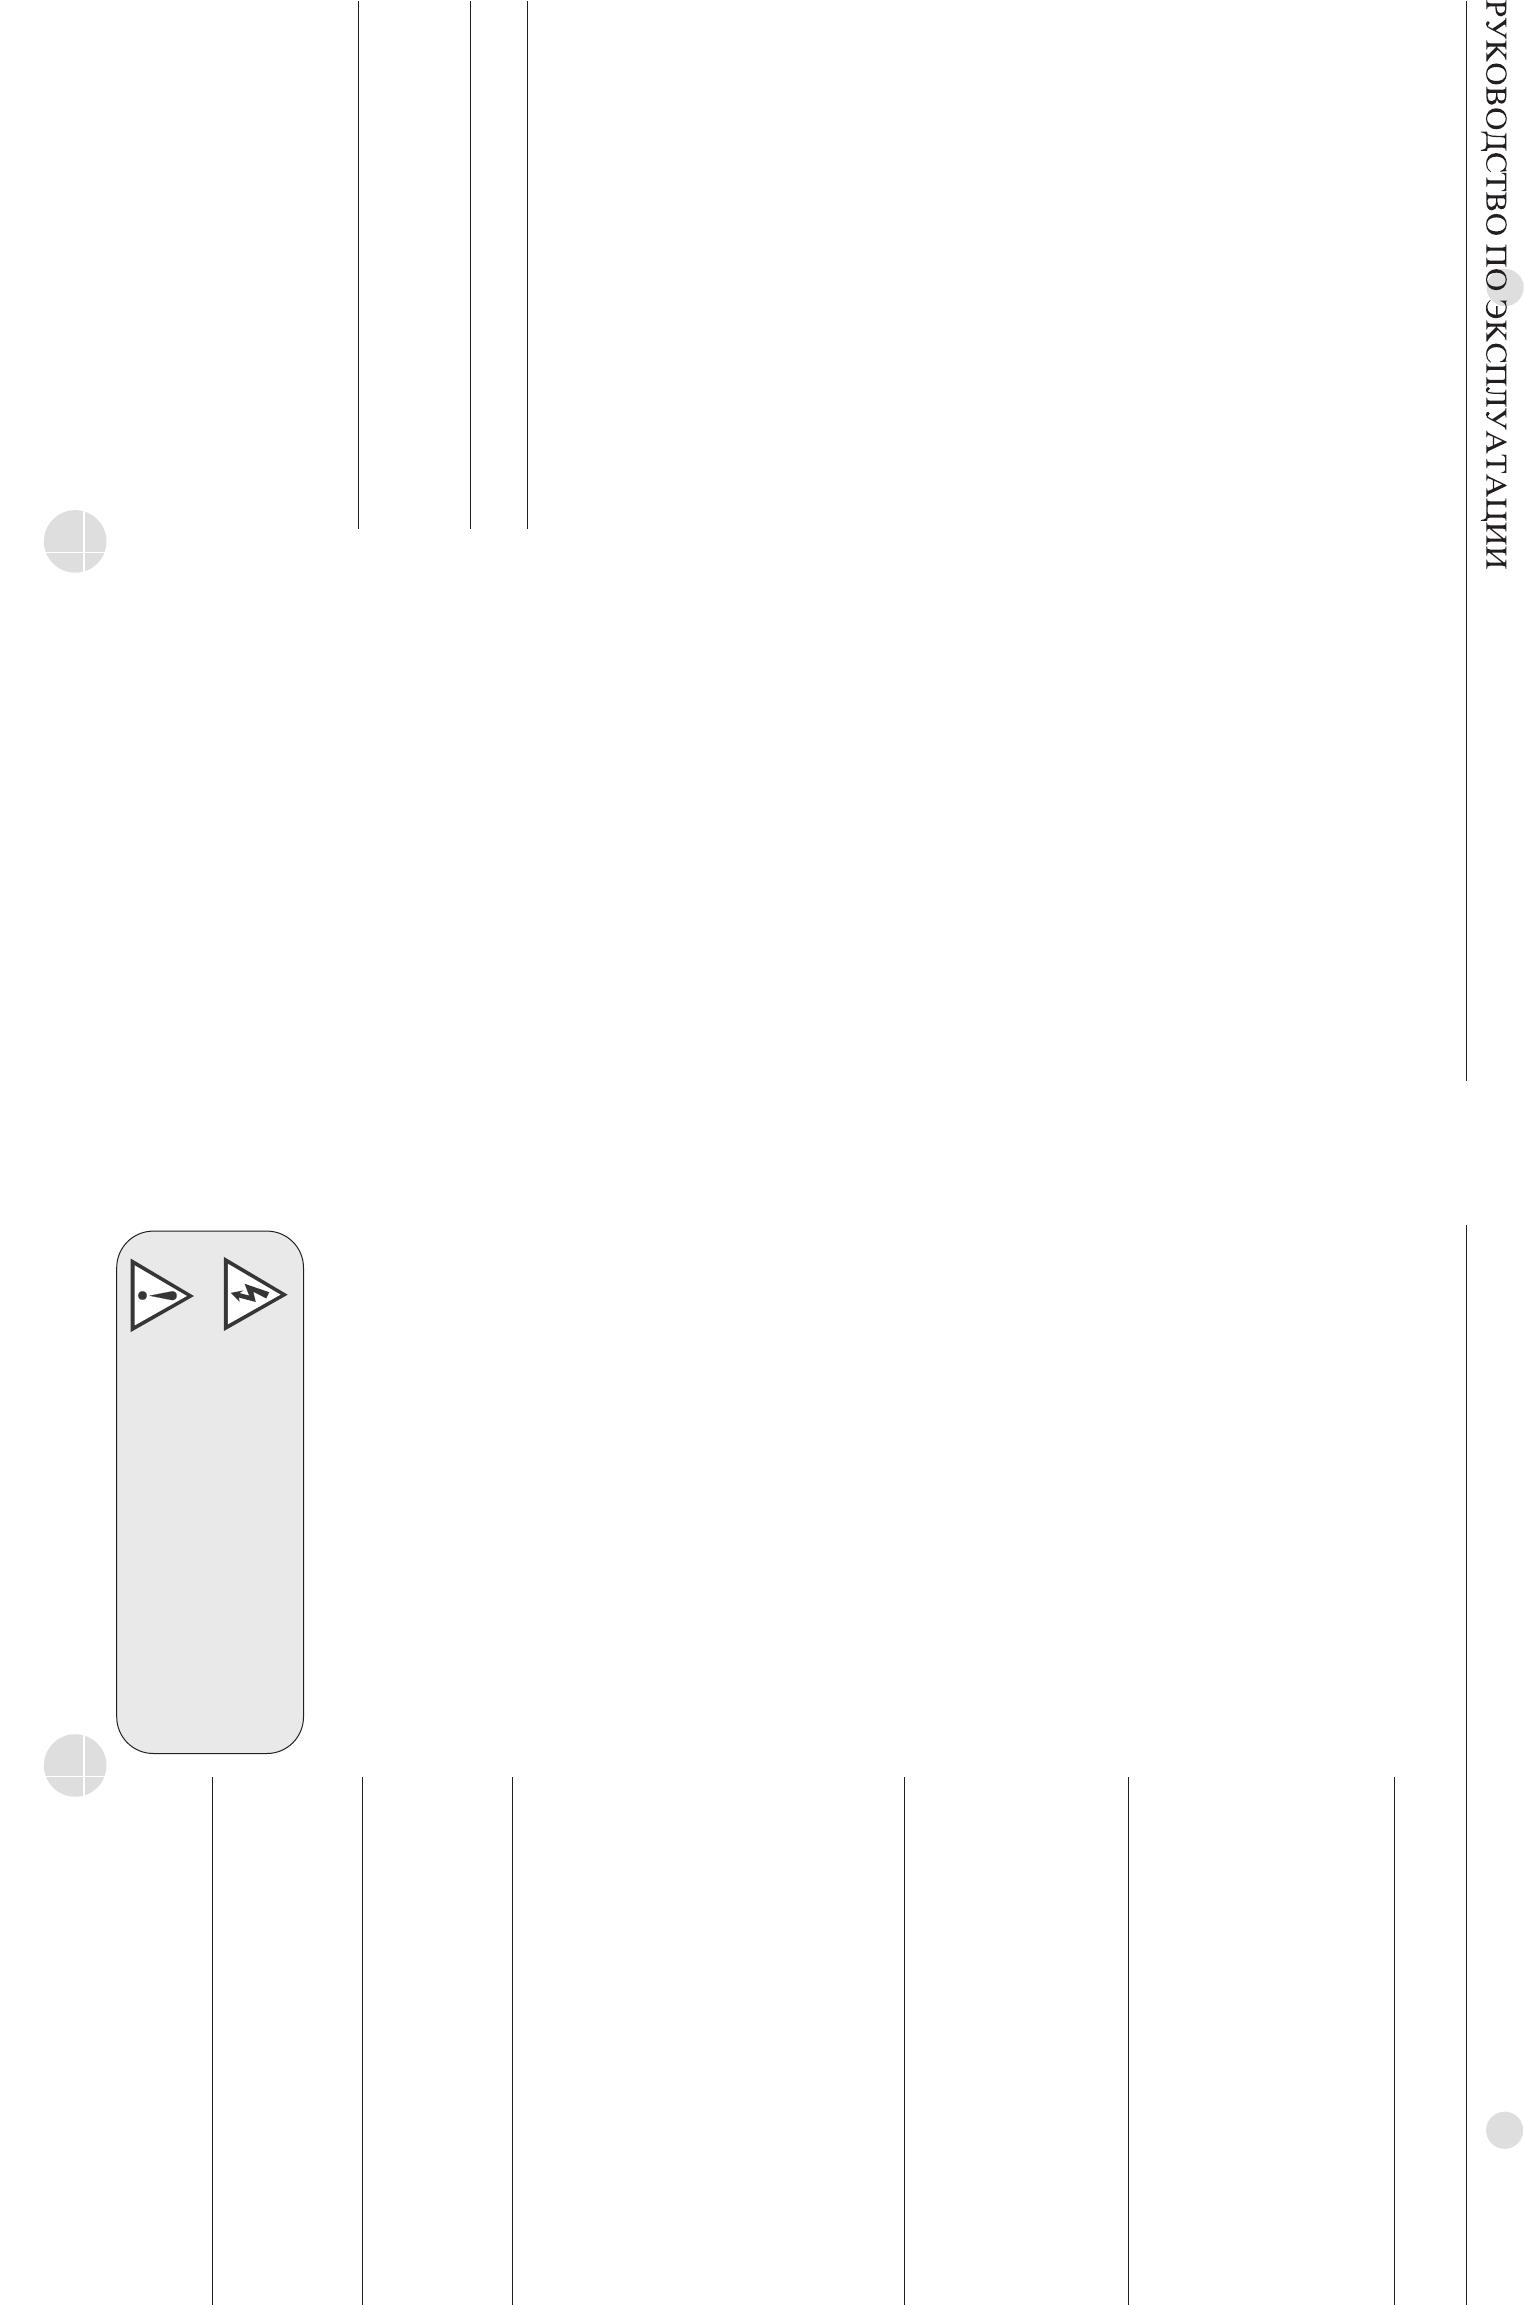 Wunderbar Fünf Wege Schalter Schaltplan Galerie - Elektrische ...